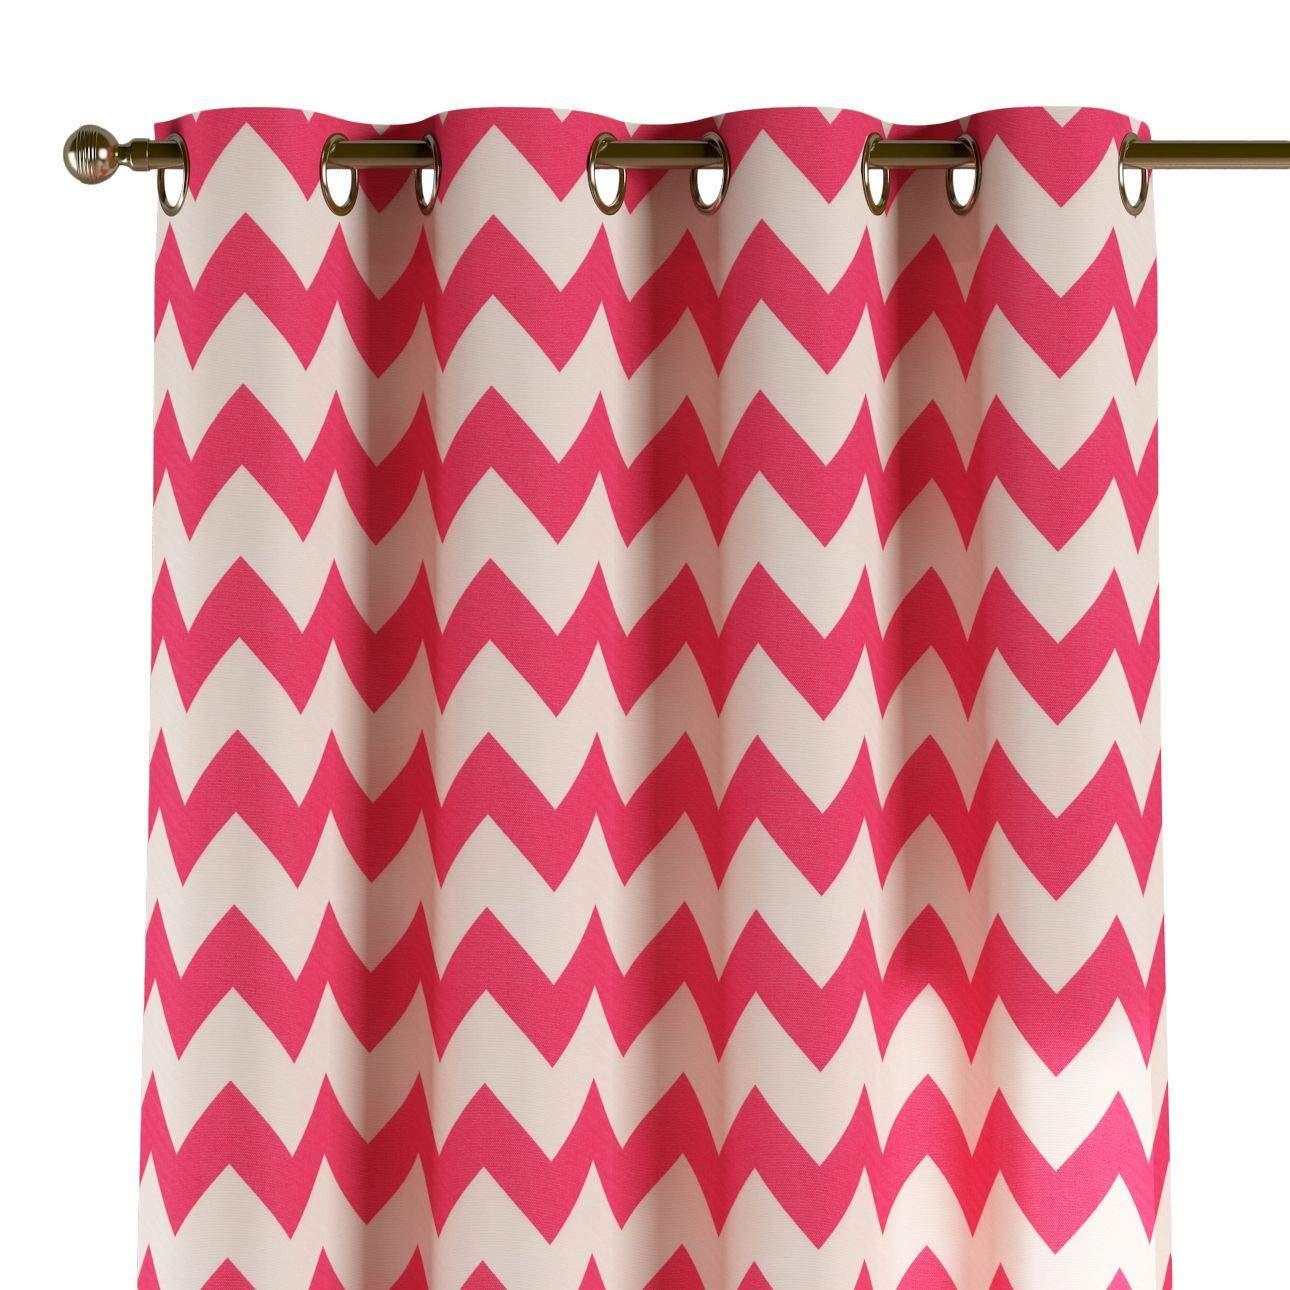 Dekoria Ösenschal Dekoschal Blickdicht 1 Stck. 130 × 260 cm weiß-rosa Maßanfertigung möglich